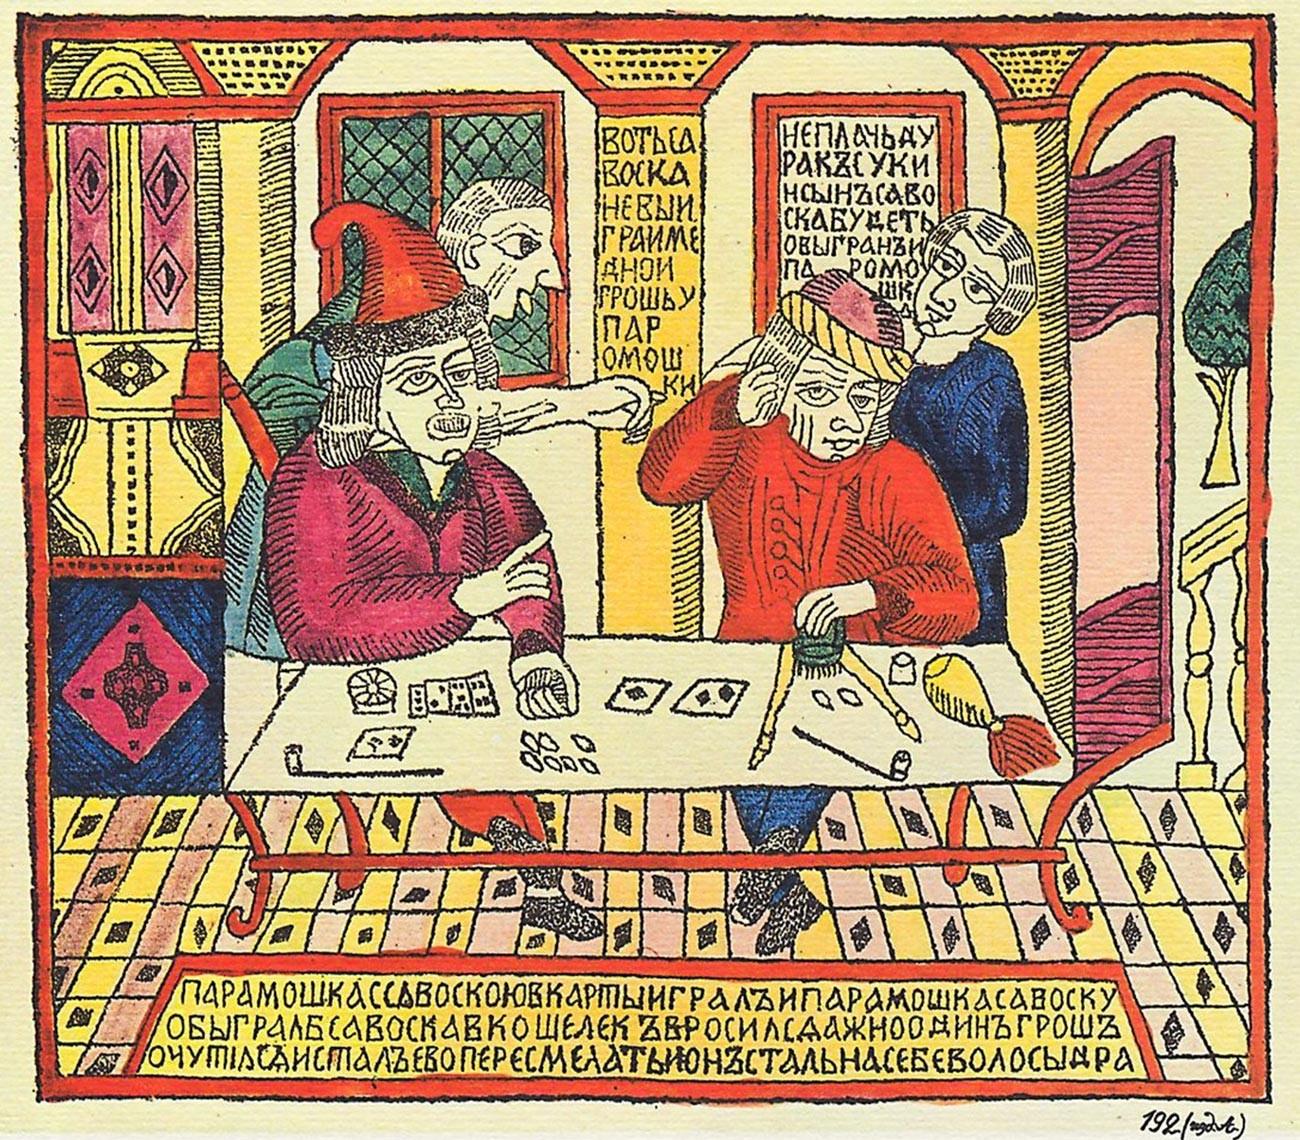 Лубок «Савоська и Парамошка», XVIII век. «Парамошка с Савоською в карты играл, и Парамошка Савоську обыграл. Савоська в кошелёк воззрился, ажно один грош очутился. И стал его [Парамошка] пересмехать, и он стал на себе волосы рвать».